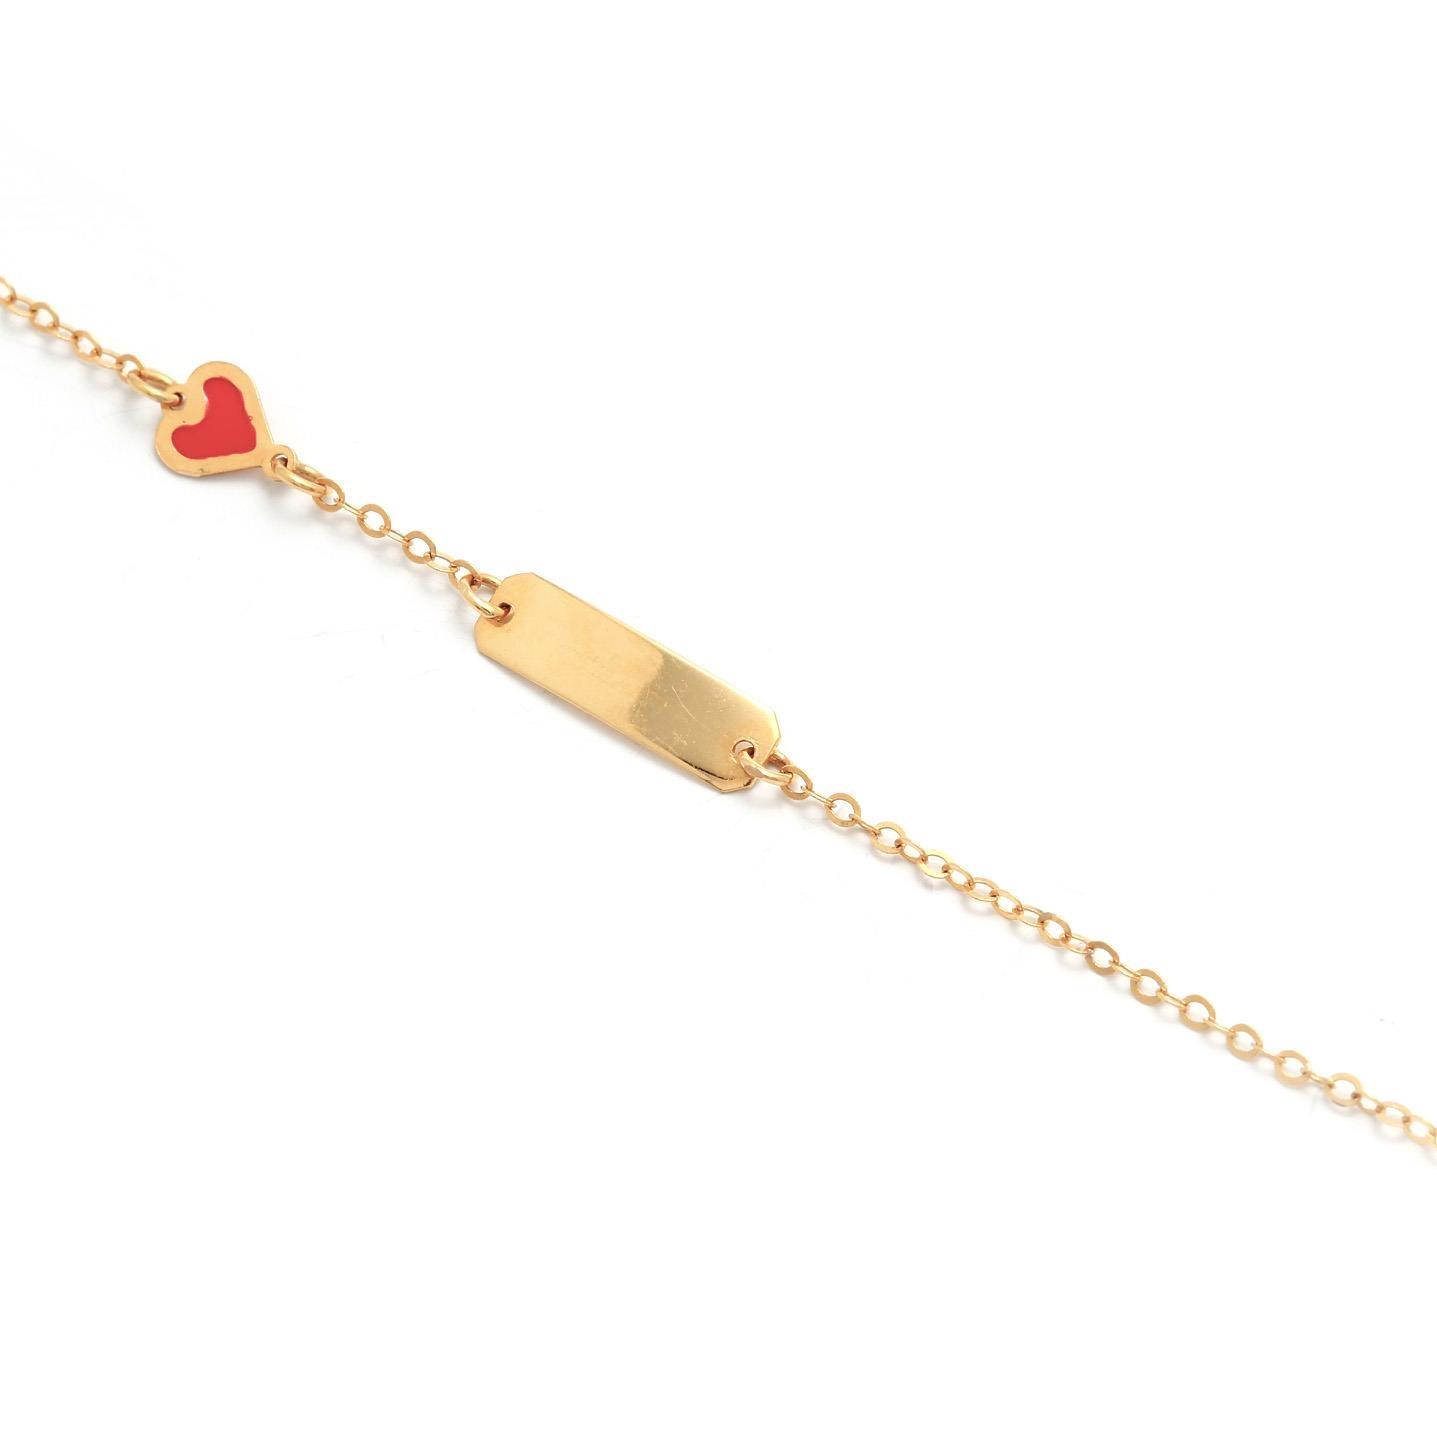 Zlatý detský náramok so srdiečkom  1058aacd7d1